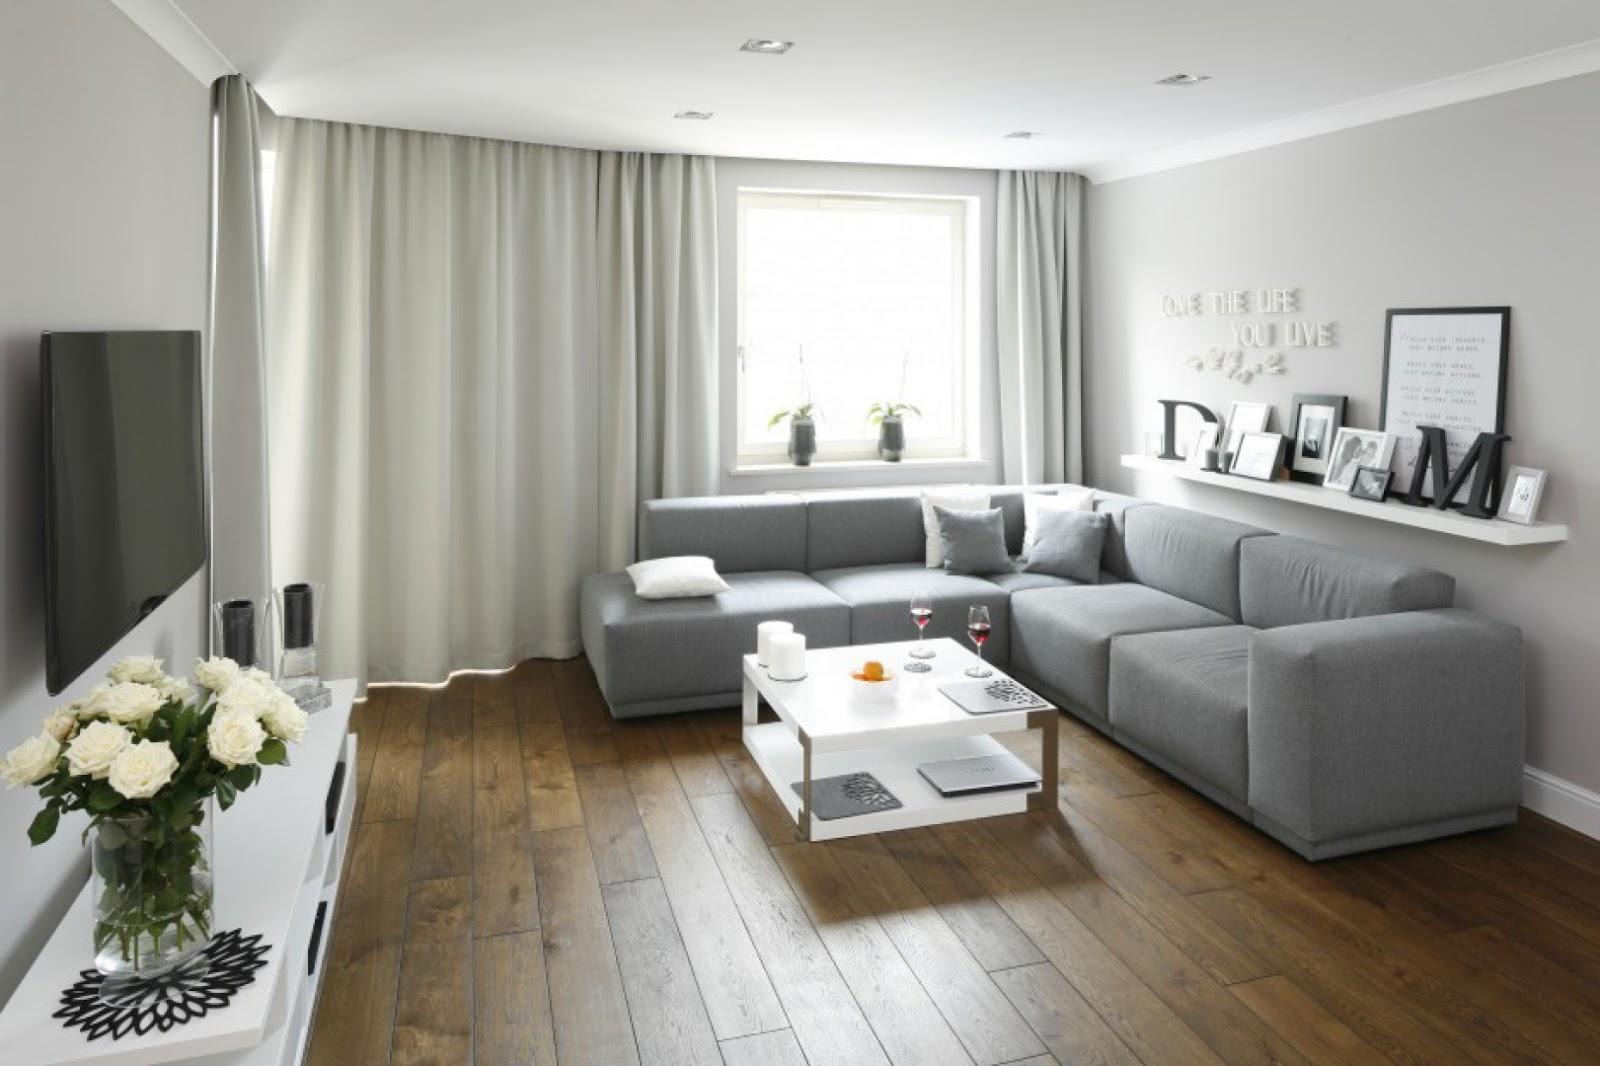 Sofa, kanapa czy narożnik? Jaki mebel do salonu wybrać?